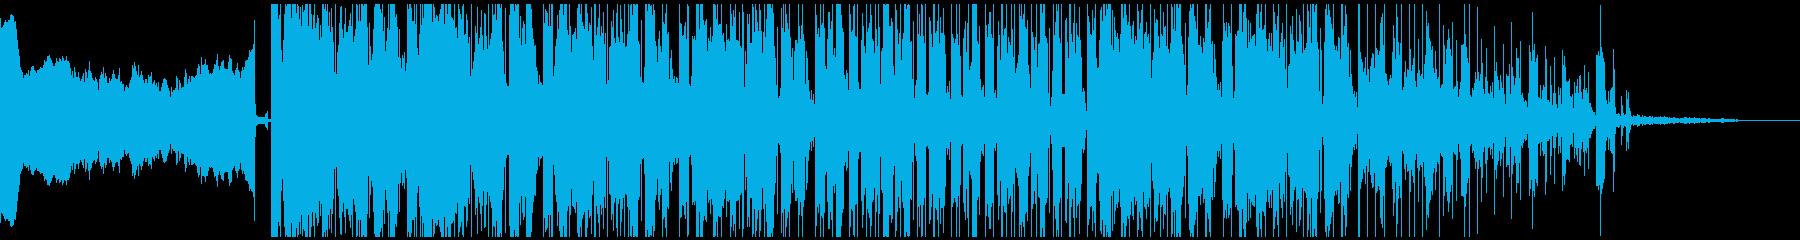 ギター breakbeats!の再生済みの波形